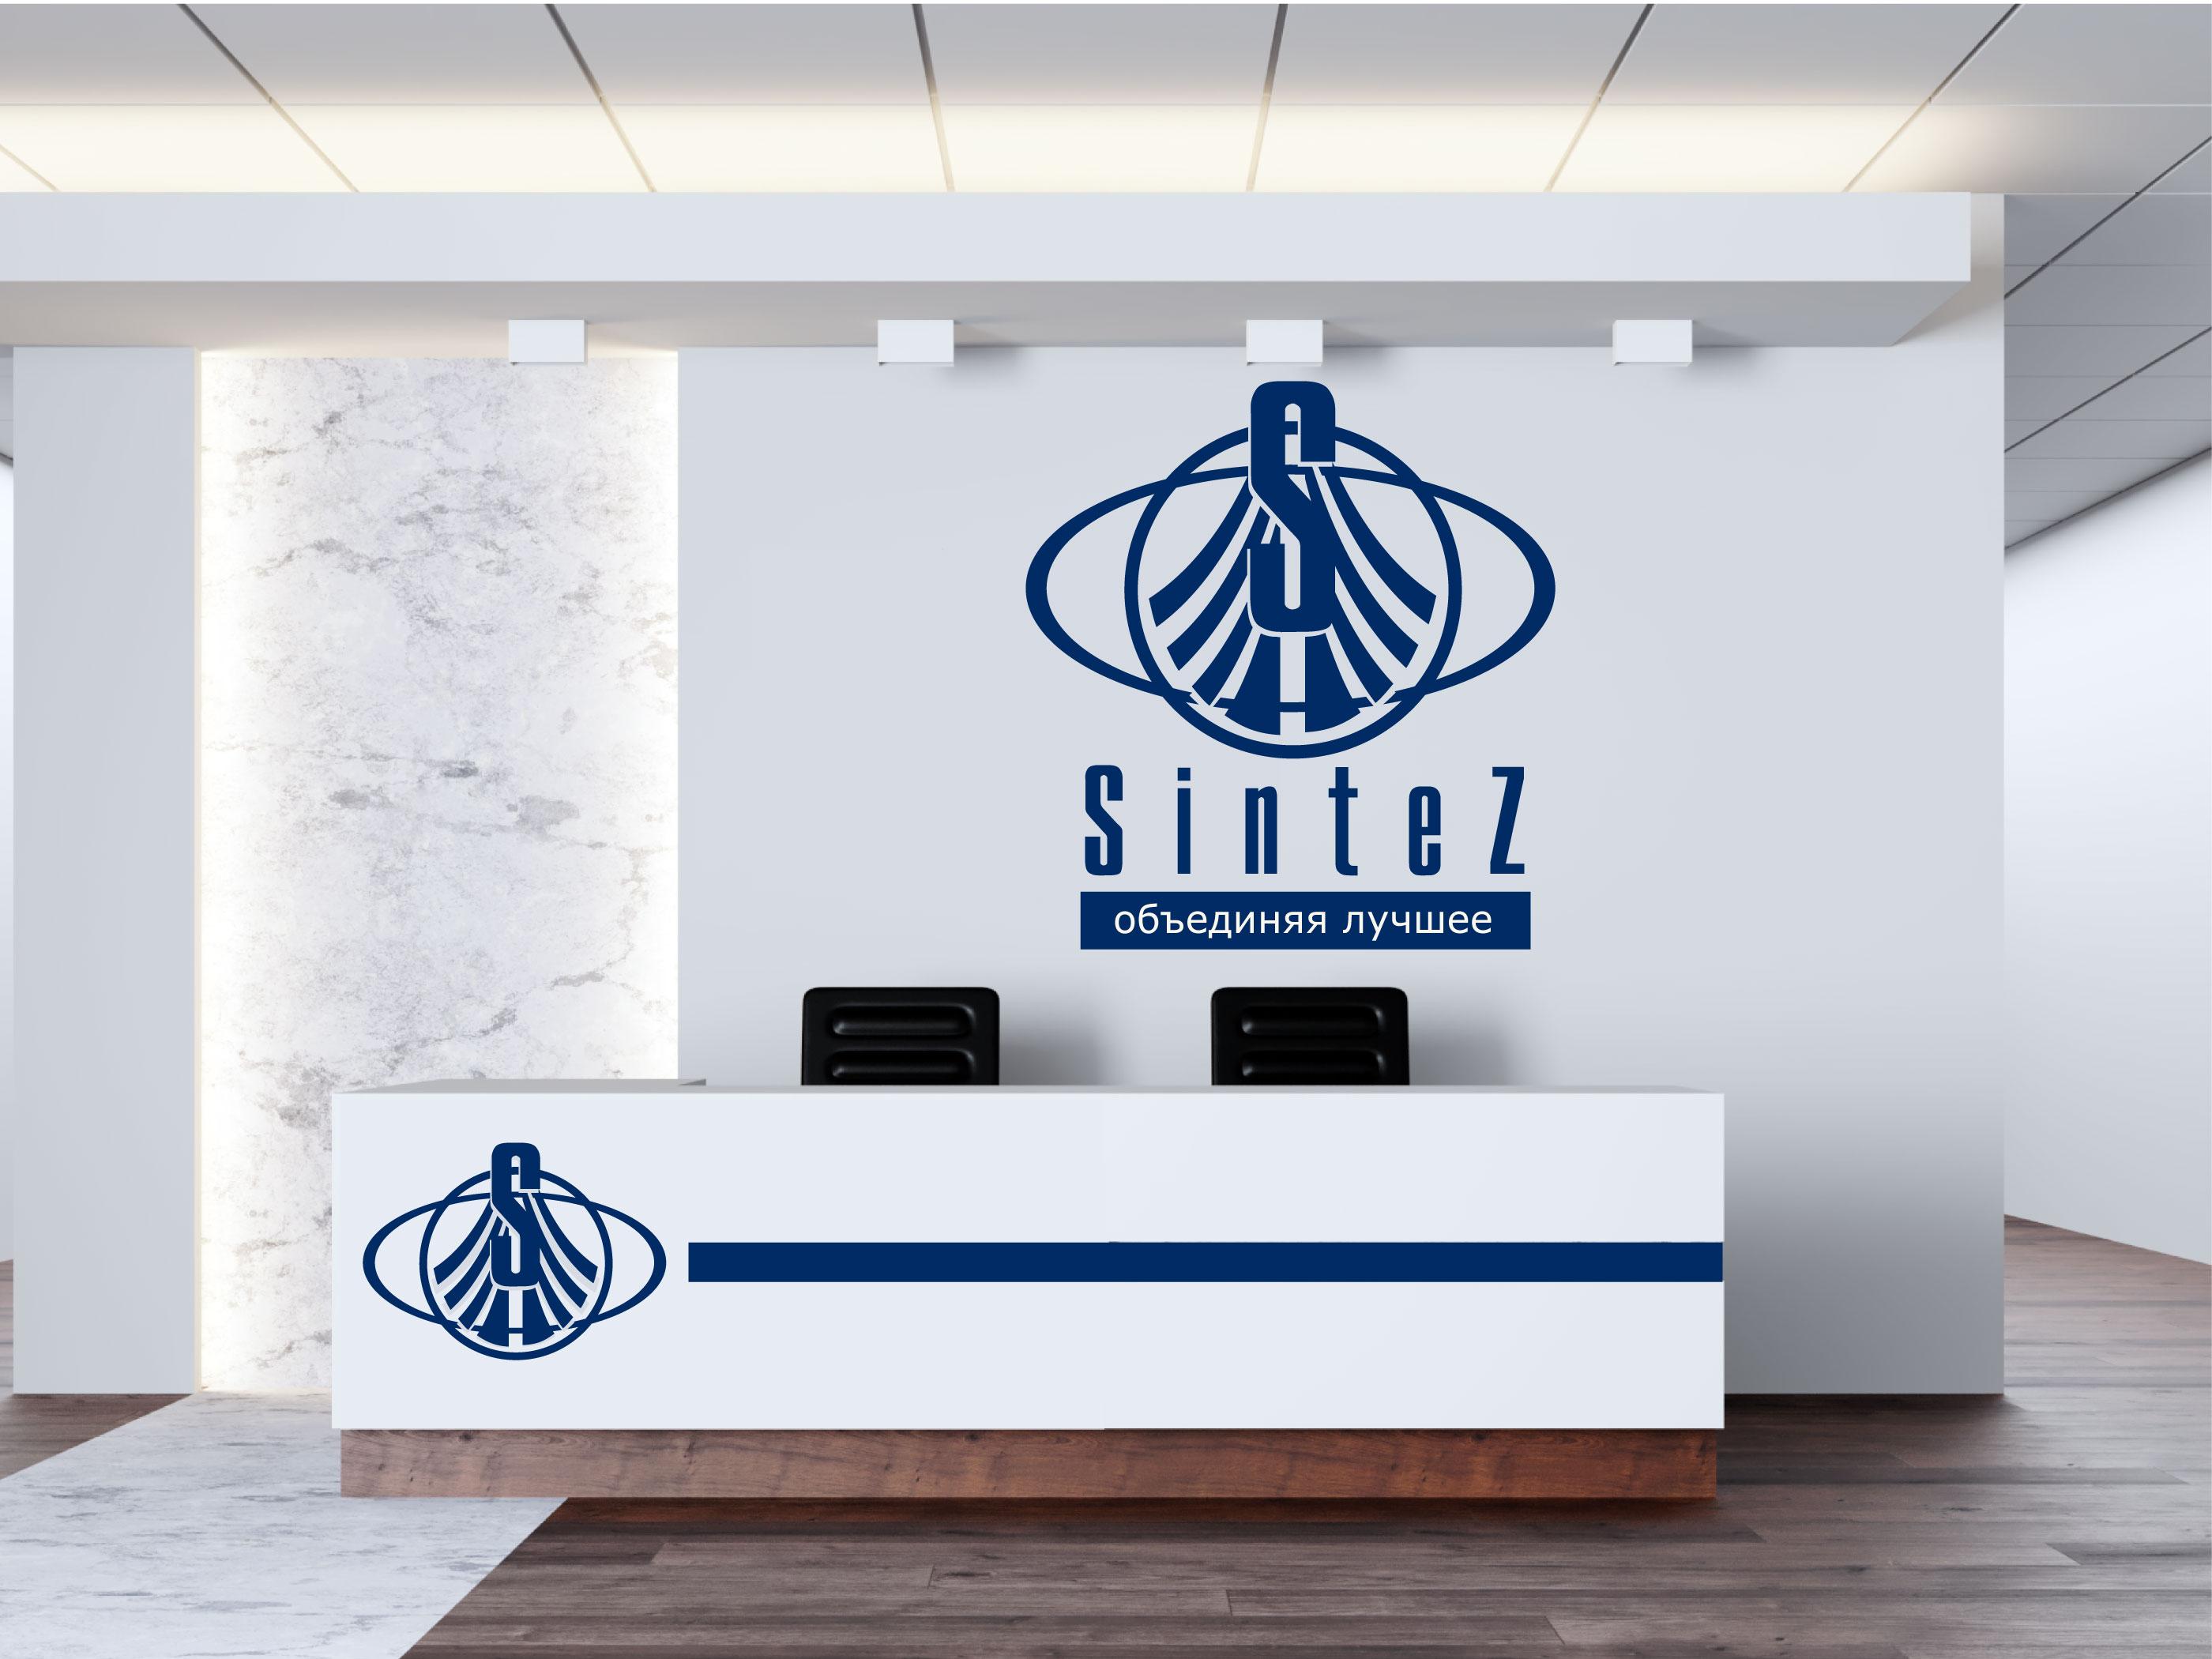 Разрабтка логотипа компании и фирменного шрифта фото f_5655f609d3bdbee8.jpg